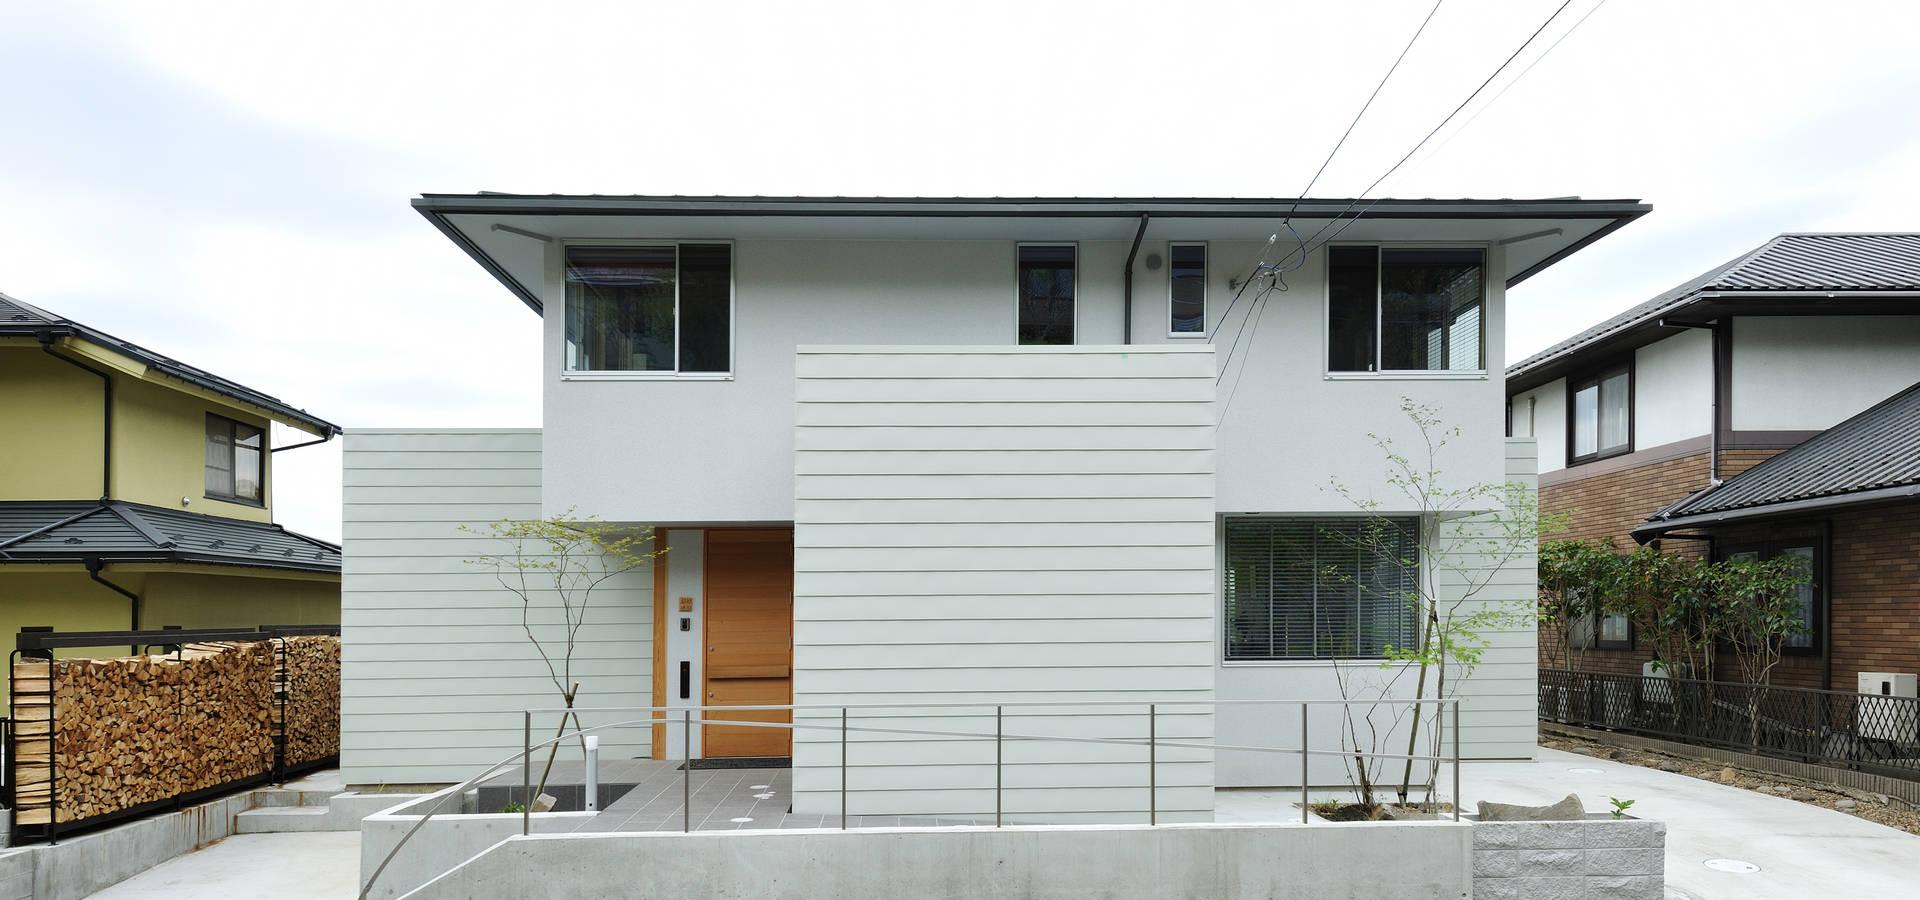 Ishimori Architects